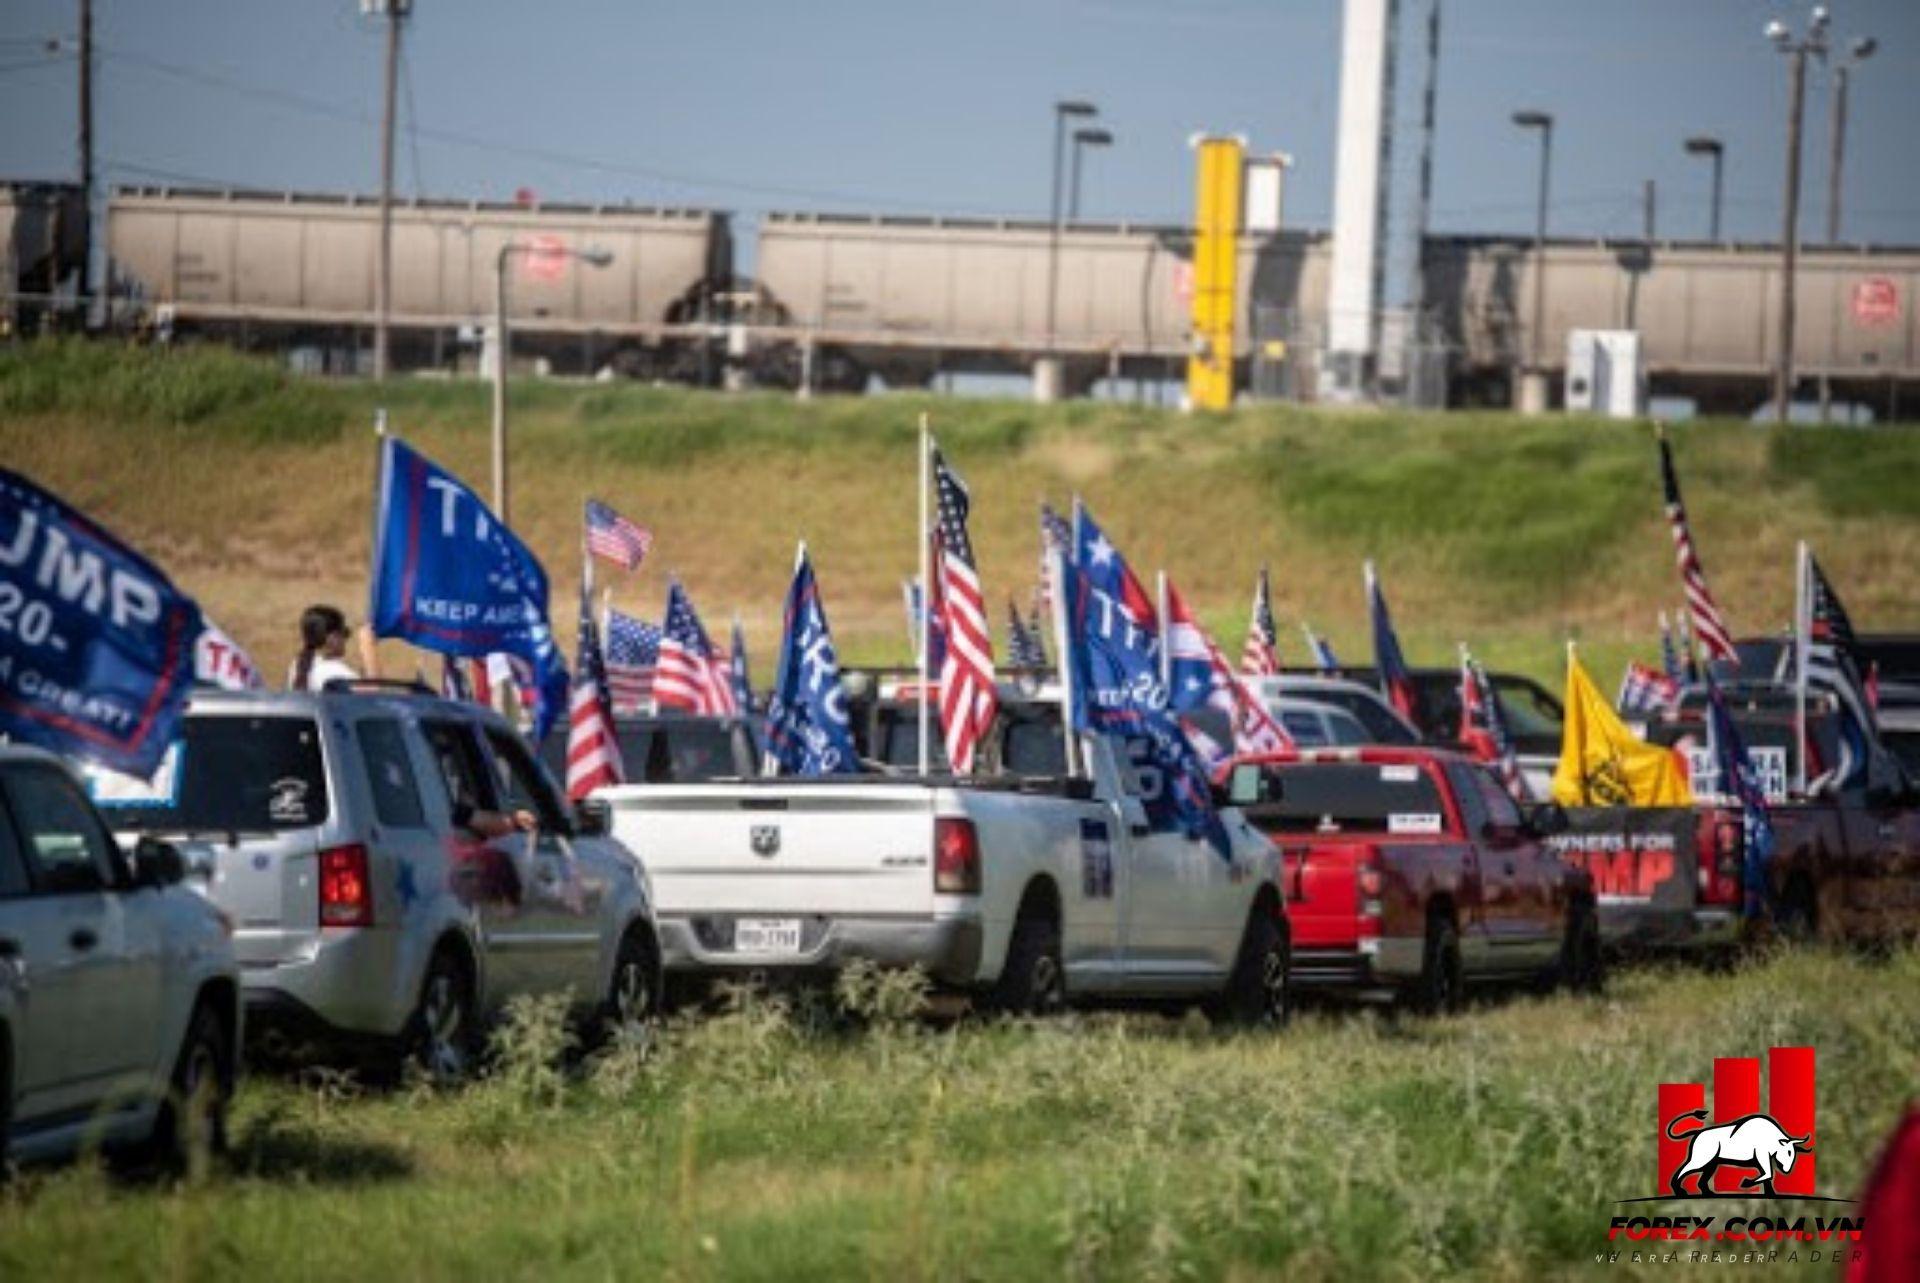 FBI đang điều tra một vụ việc ở Texas khi một đoàn xe ủng hộ Trump bao vây một xe của Biden